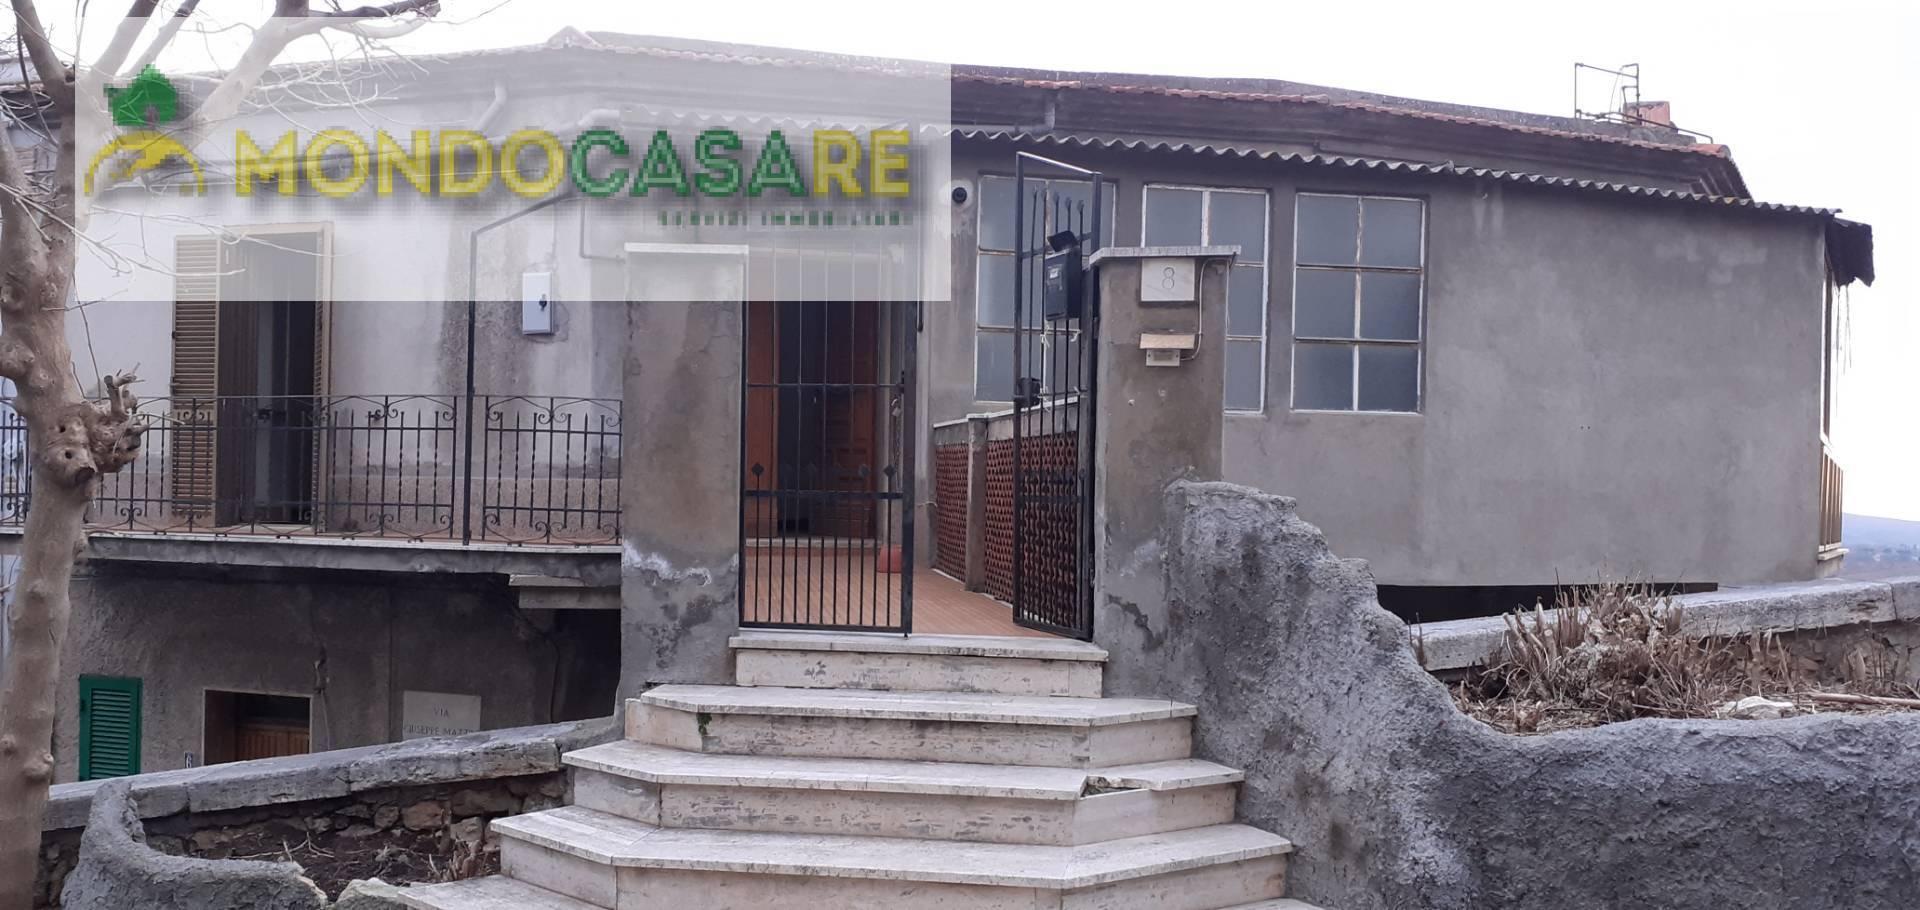 Appartamento in vendita a Moricone, 3 locali, prezzo € 59.000 | CambioCasa.it